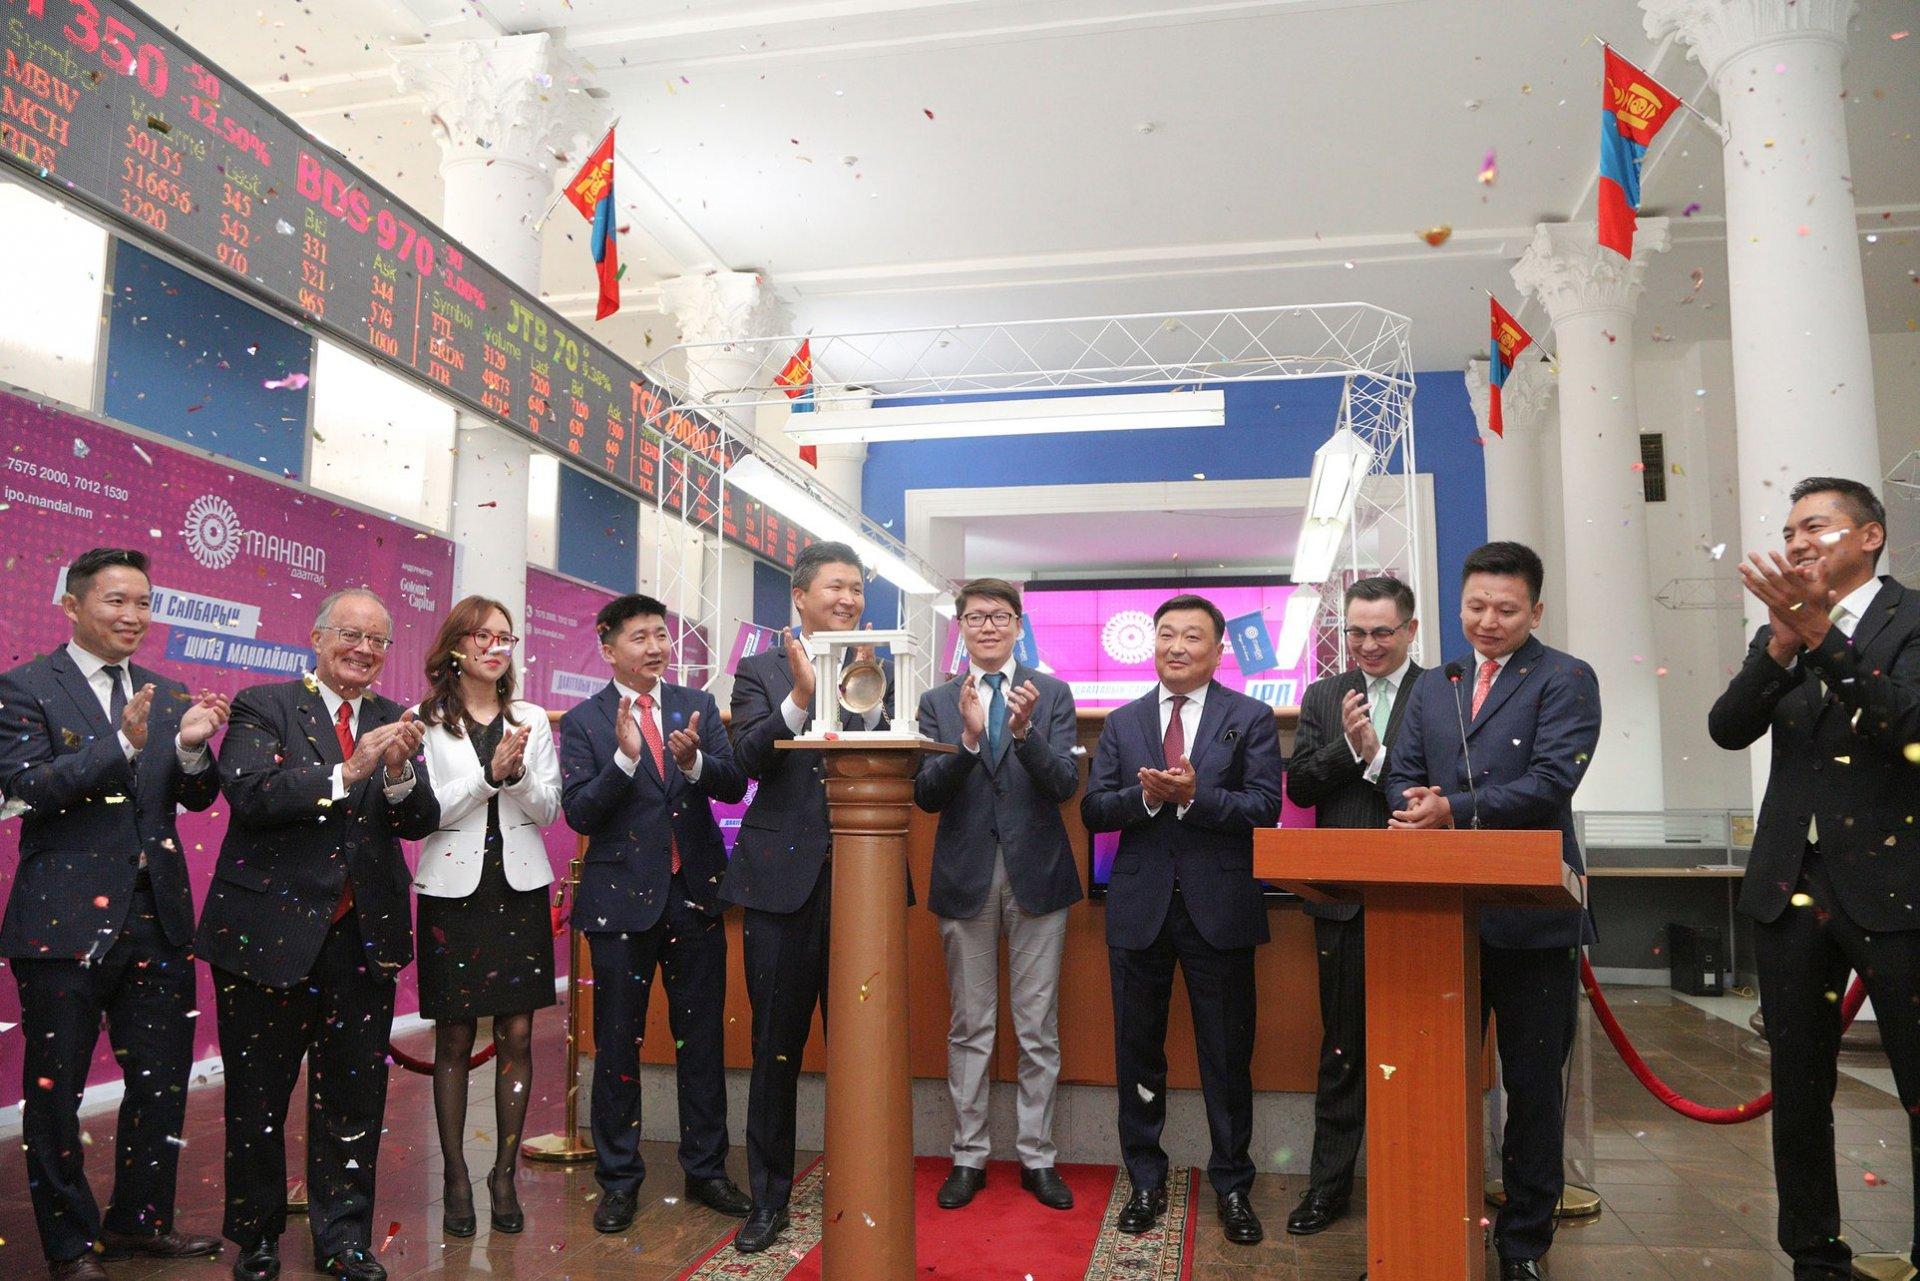 """Даатгалын салбарын анхны IPO """"МАНДАЛ ДААТГАЛ"""" компанийн хувьцааны захиалга эхэллээ"""